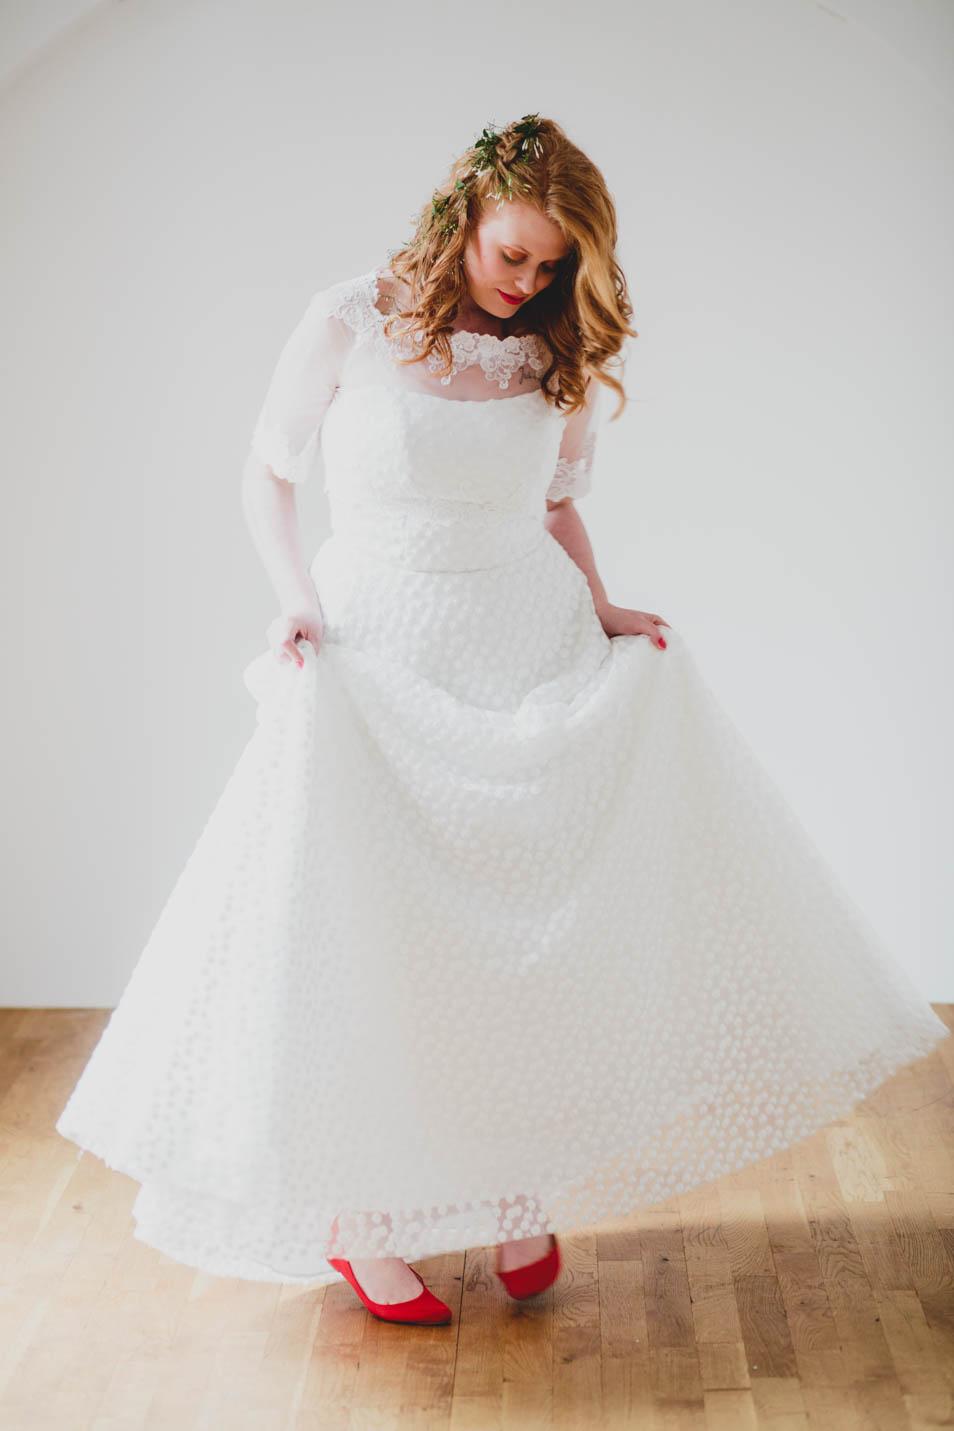 Brautkleid mit Flöckchenspitze, Braut mit Bolero und roten Schuhen